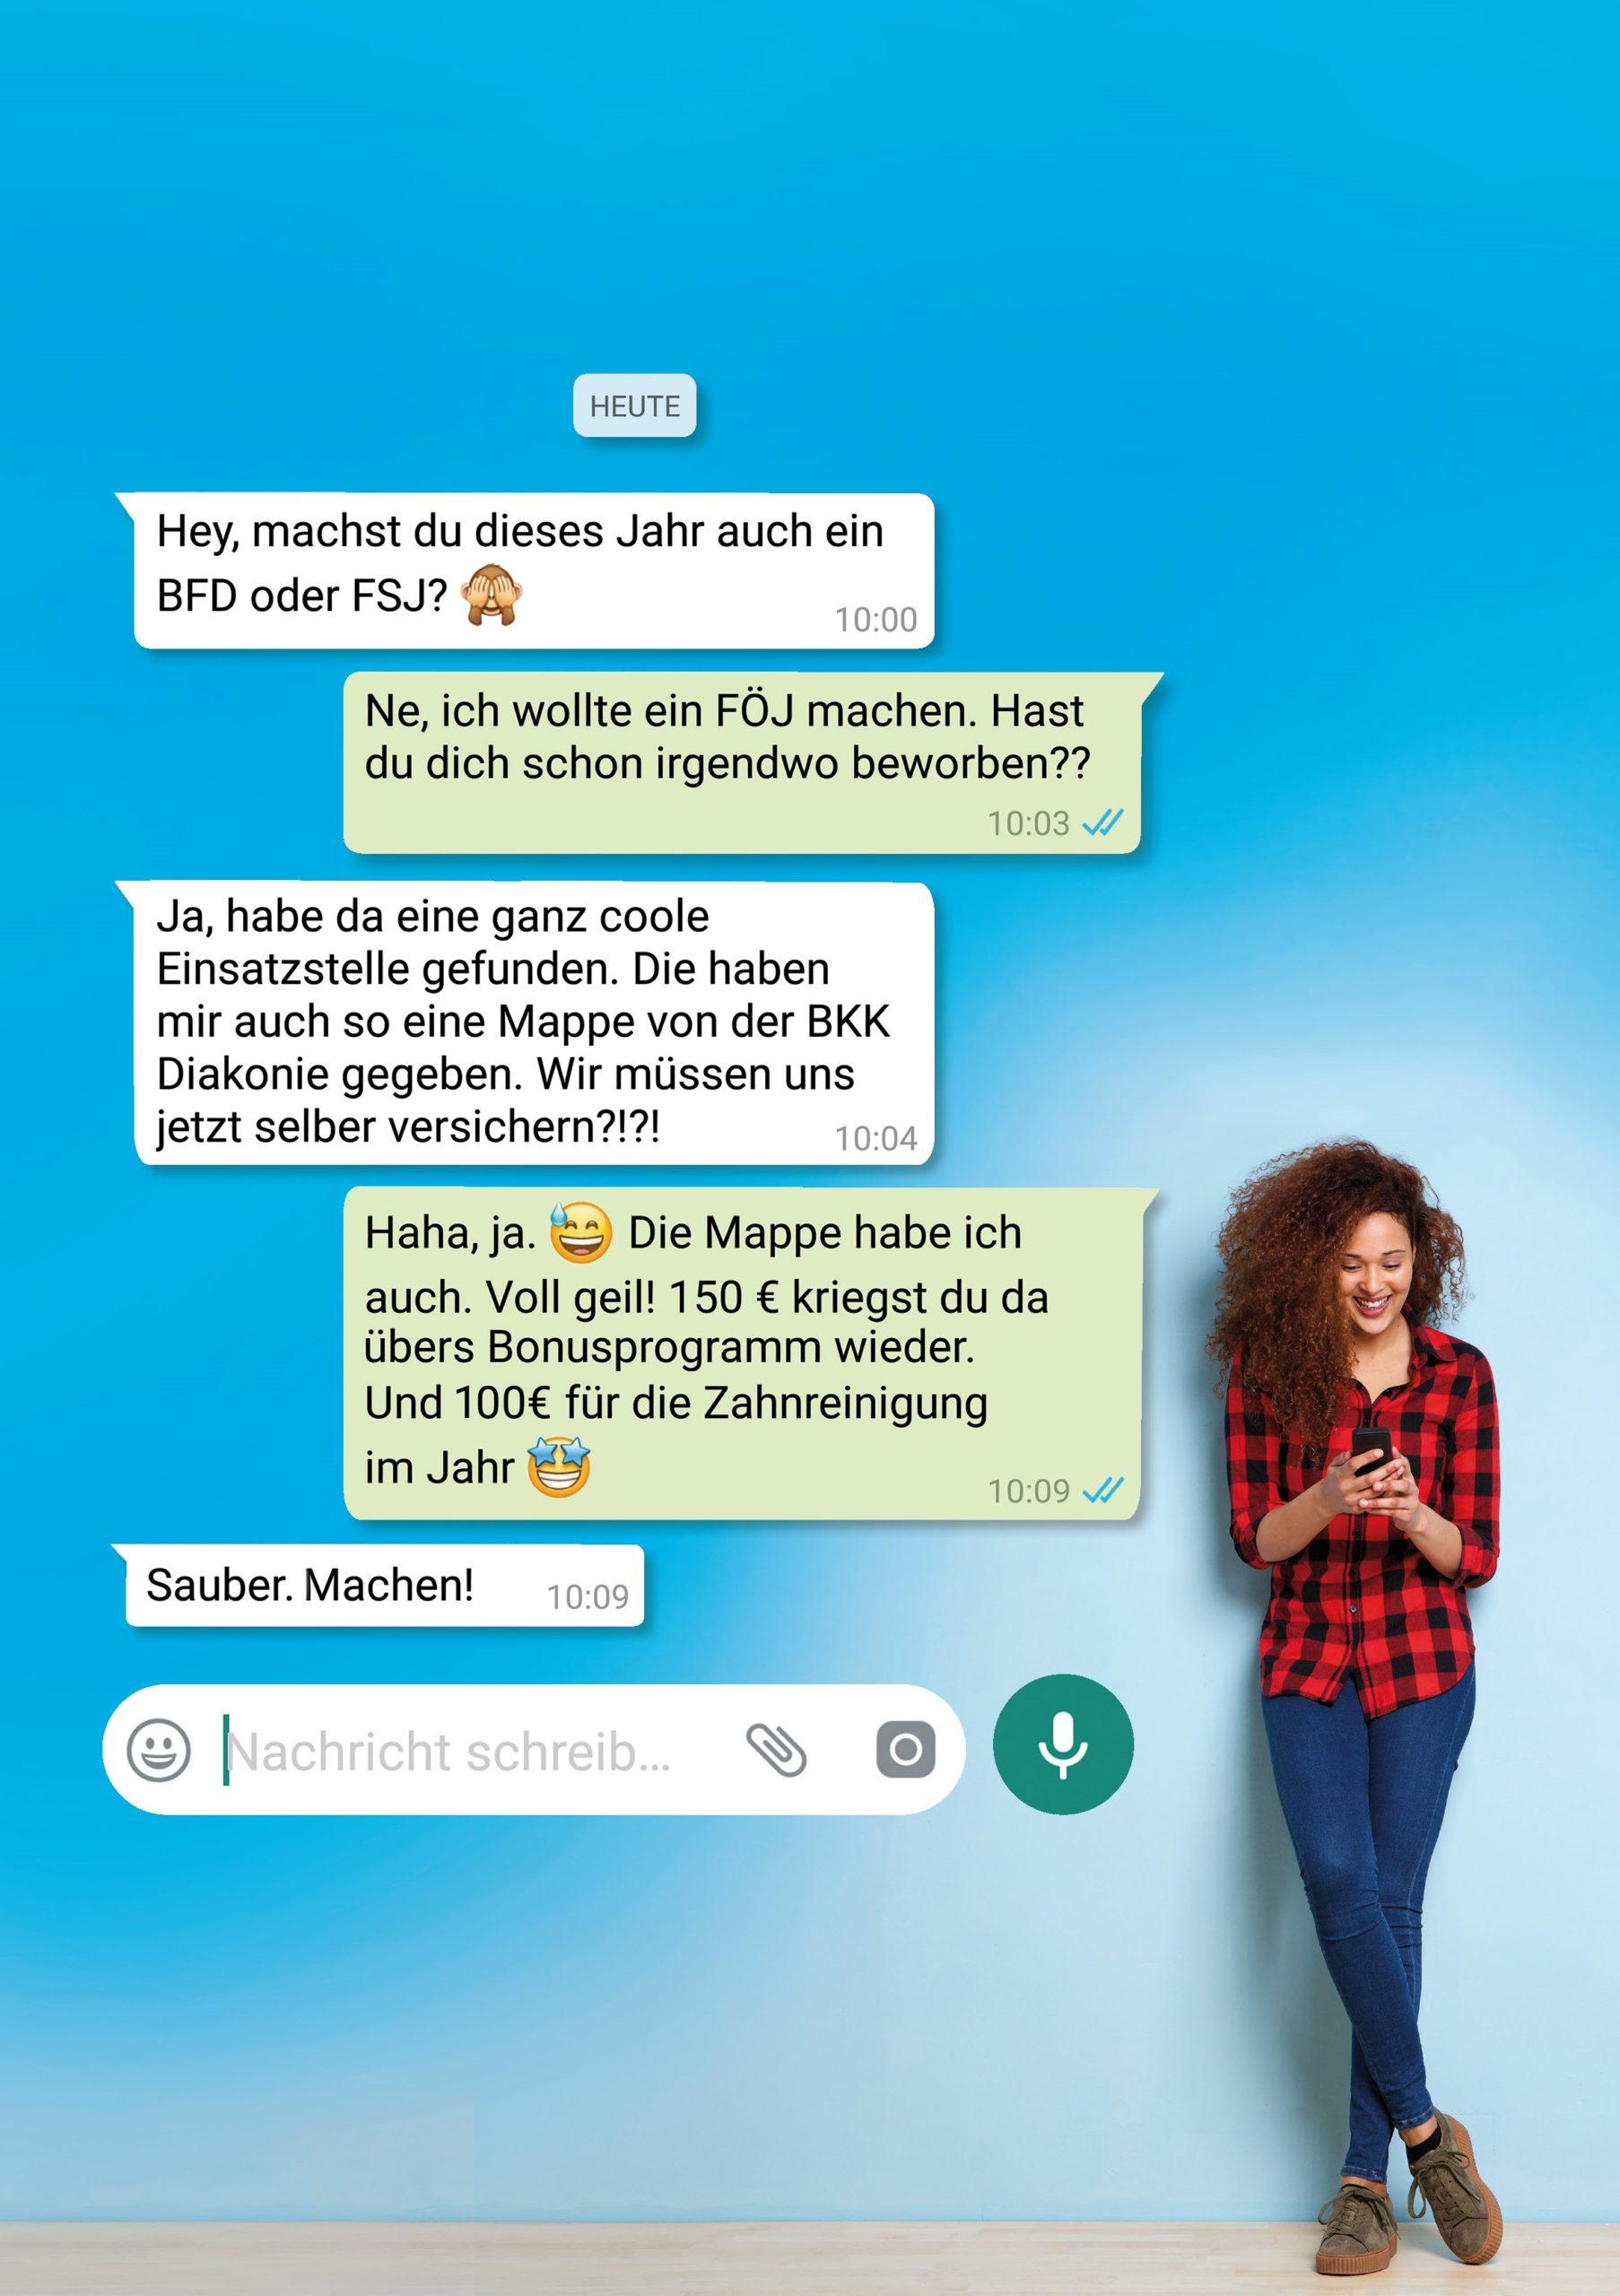 Abgebildet ist ein Chatverlauf über die Leistungen der BKK Diakonie. Daneben steht eine Frau die auf ein Handy lächelt.